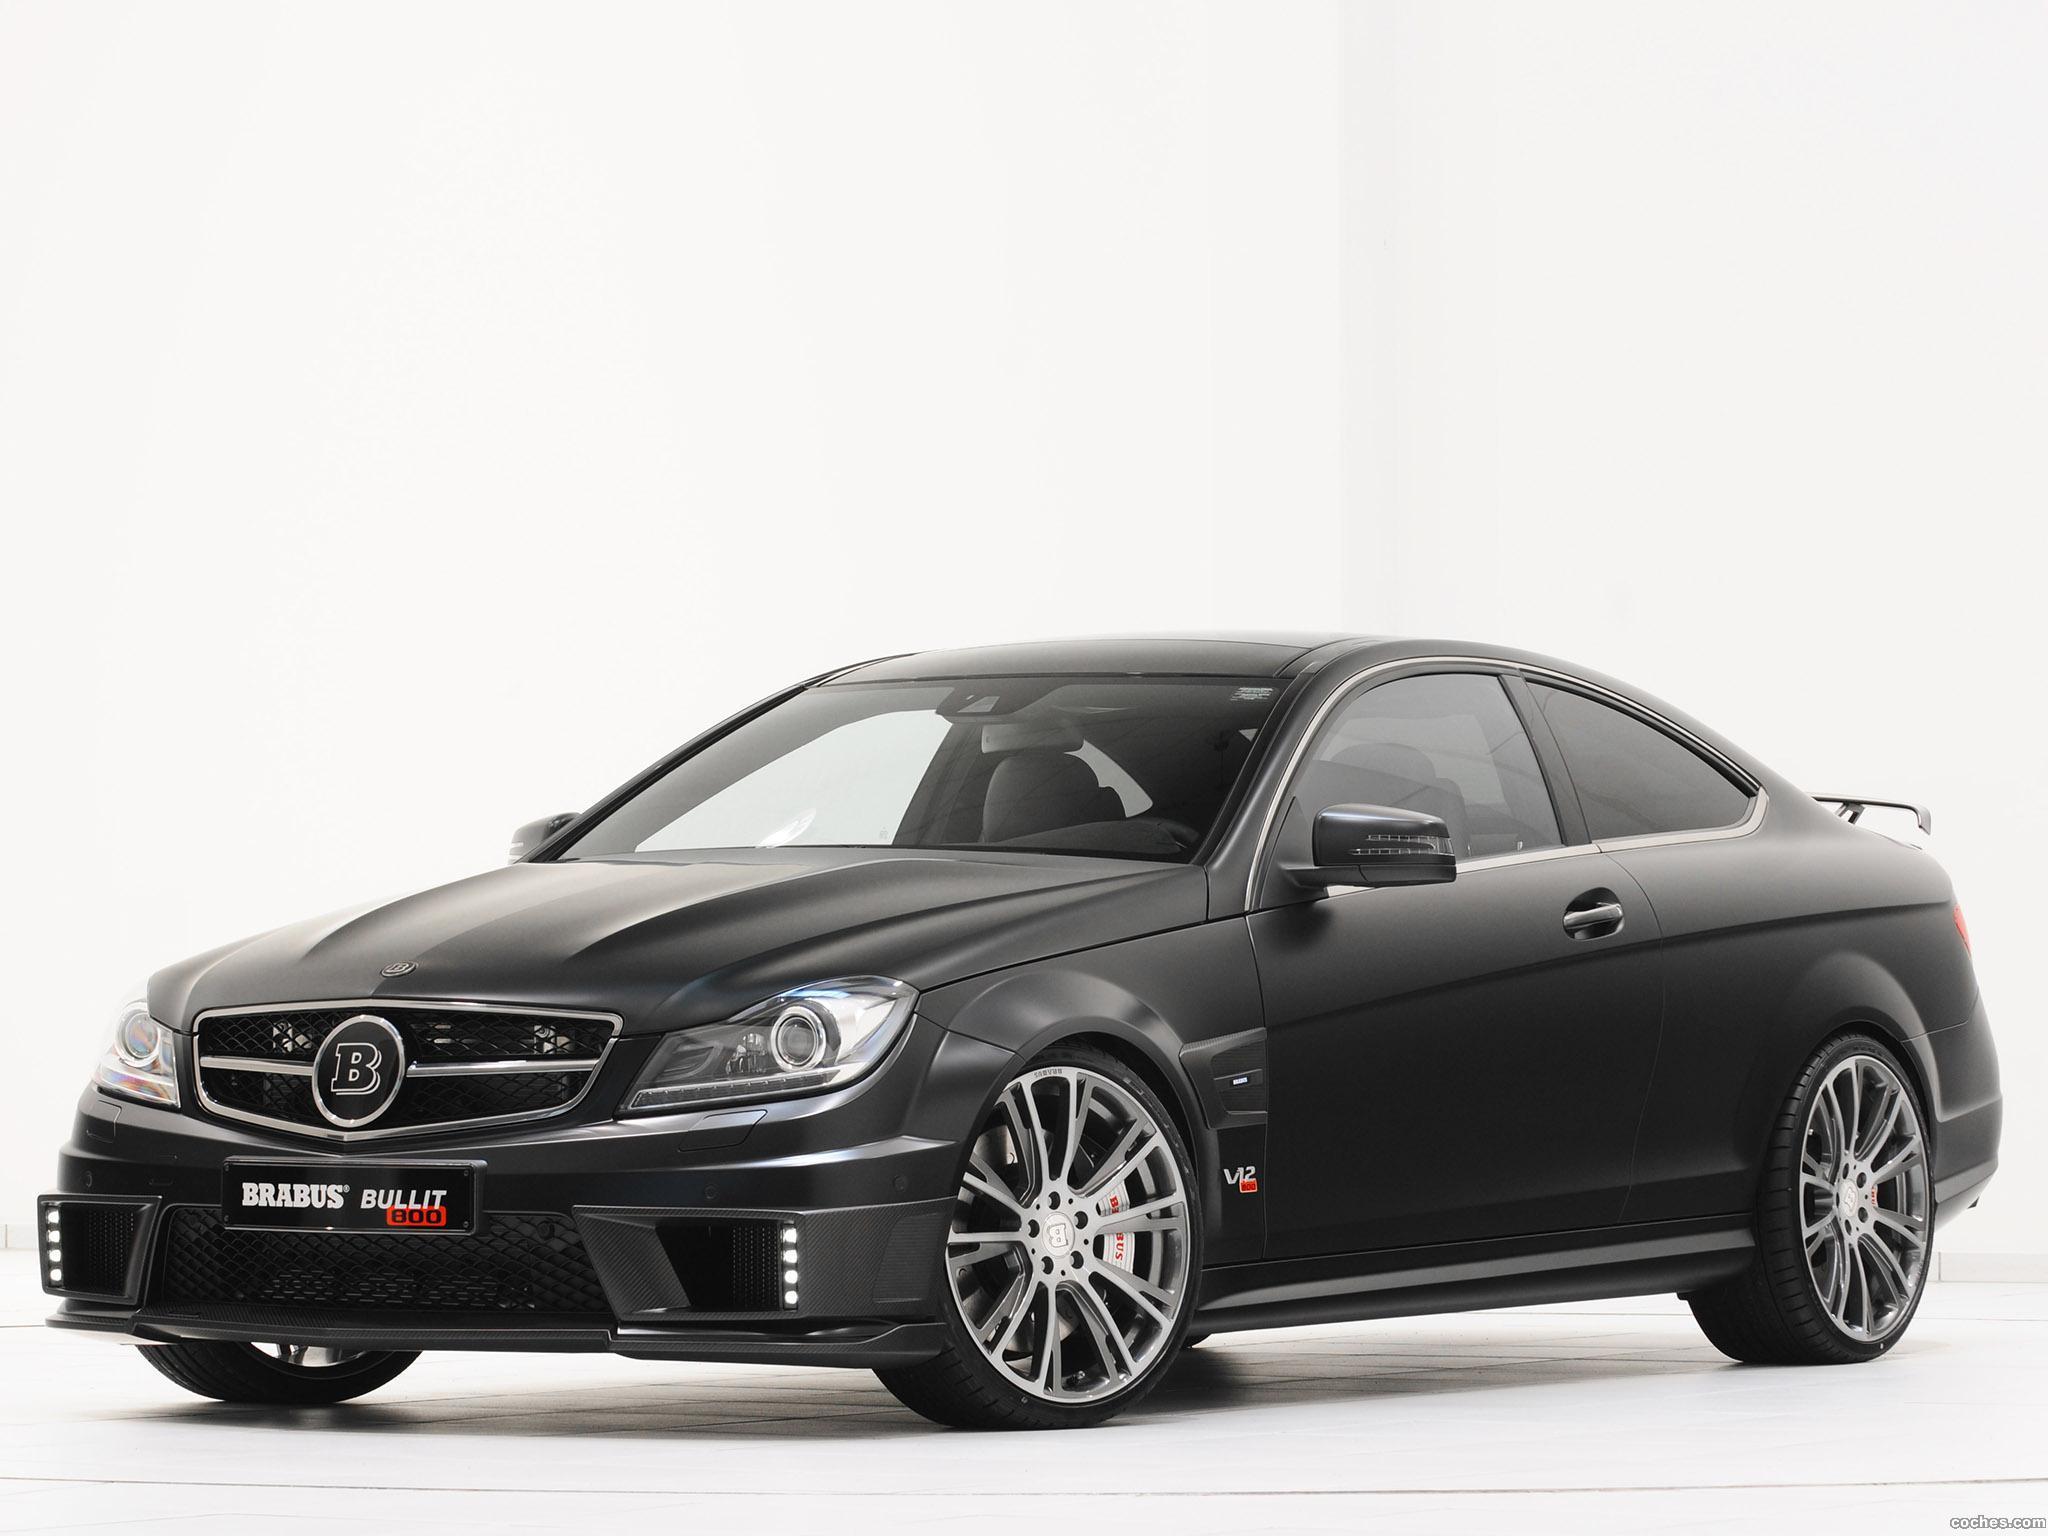 Foto 17 de Mercedes Brabus Clase C Coupe Bullit 800  2012